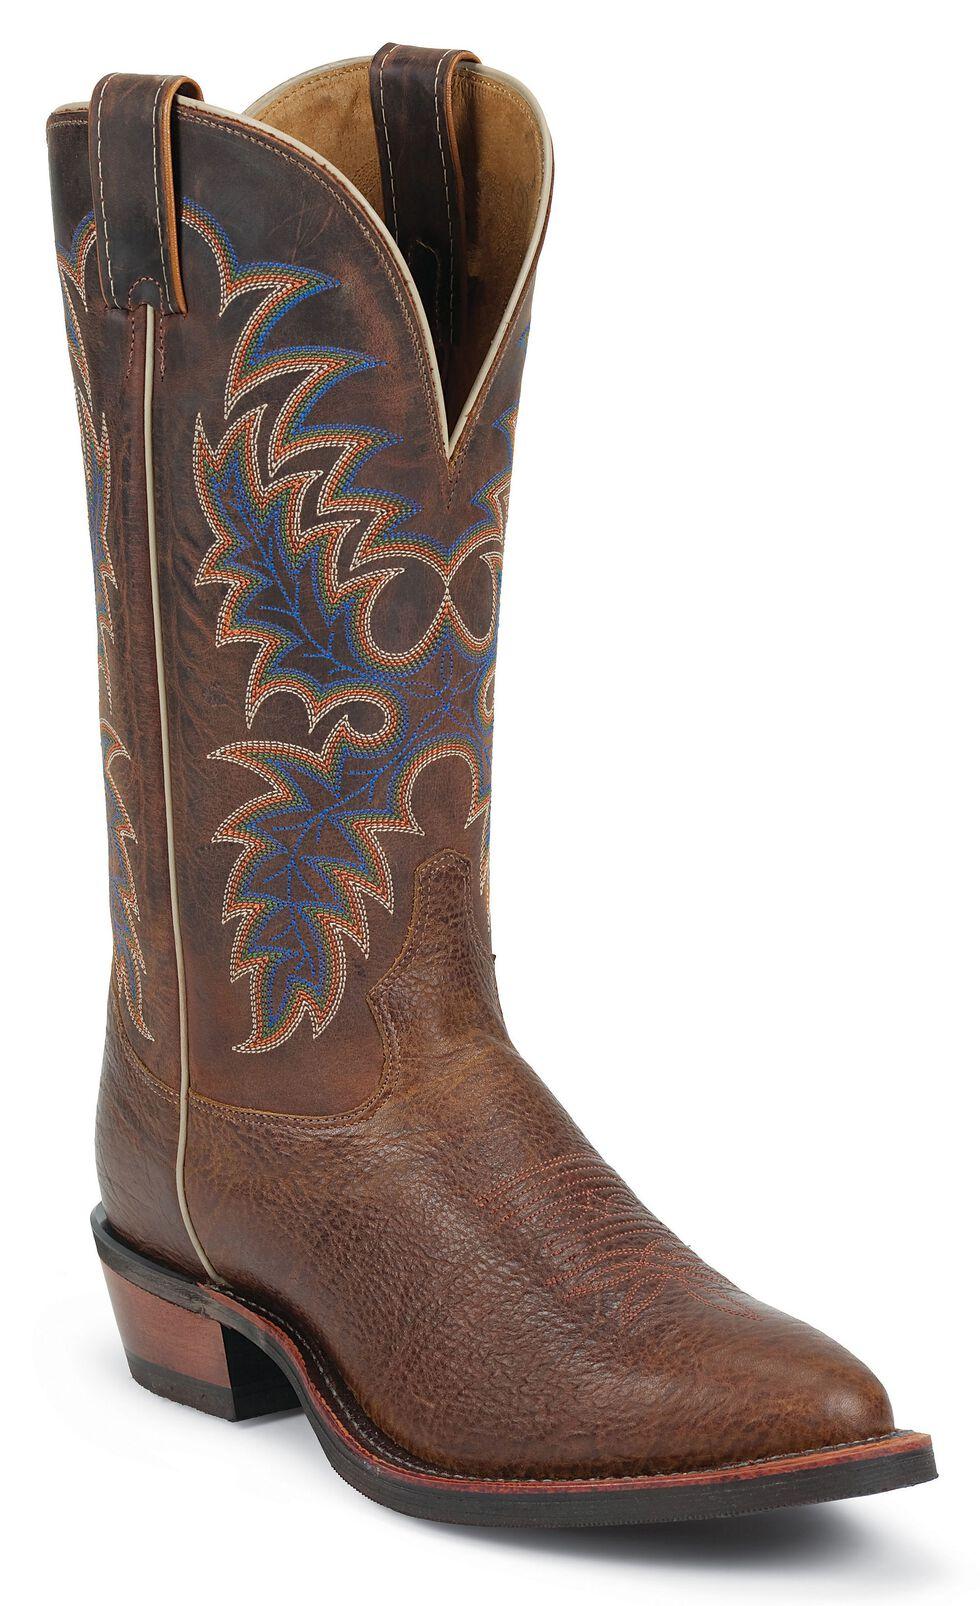 Tony Lama Americana Conquistador Shoulder Cowboy Boots - Round Toe, Cognac, hi-res